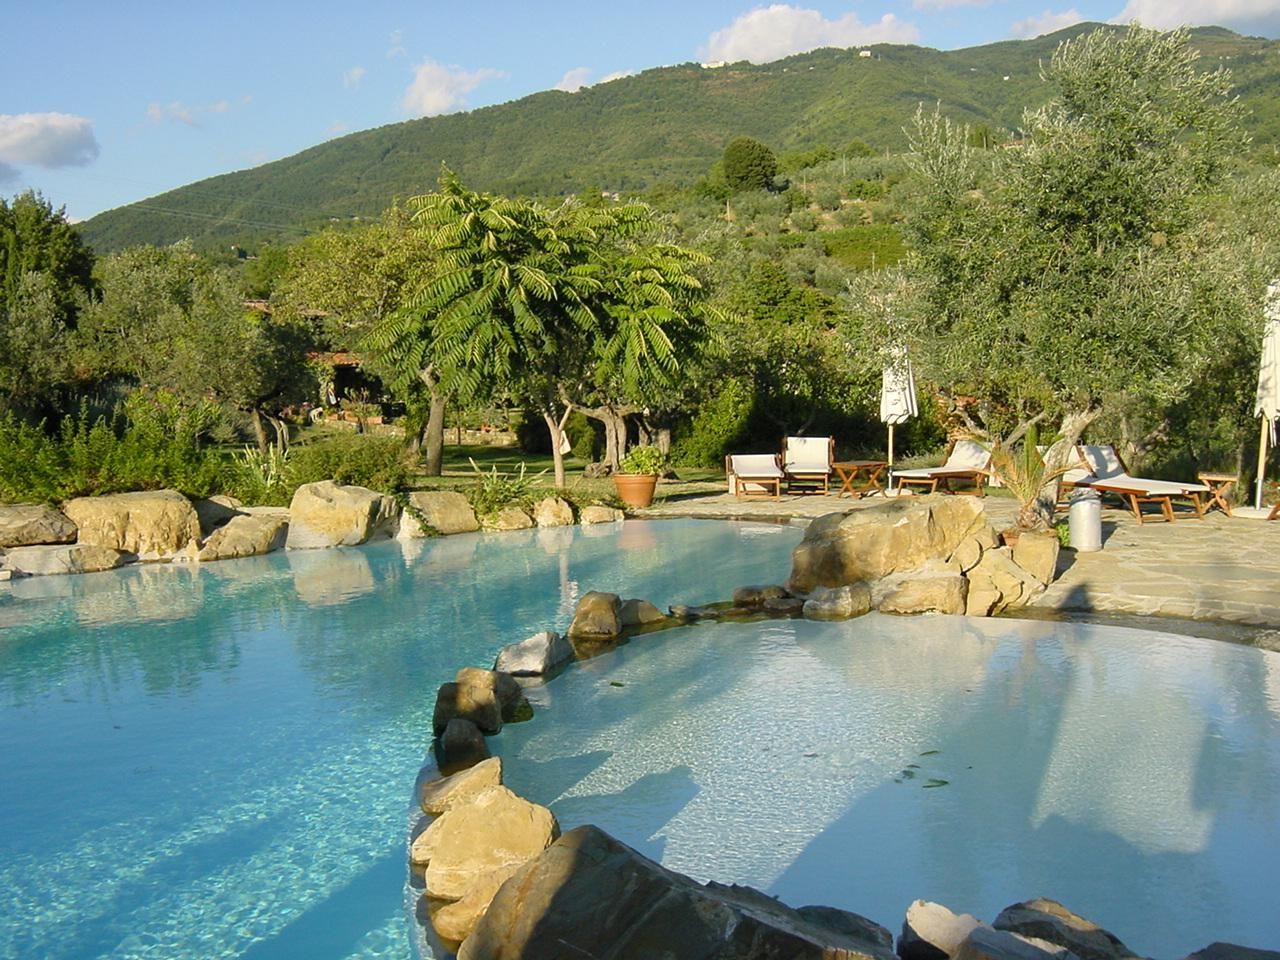 Echte Agriturismo Met Kinderboerderij Manege Wijn En Olijfgaarden Vakanties Italie Vakantie Vakantie